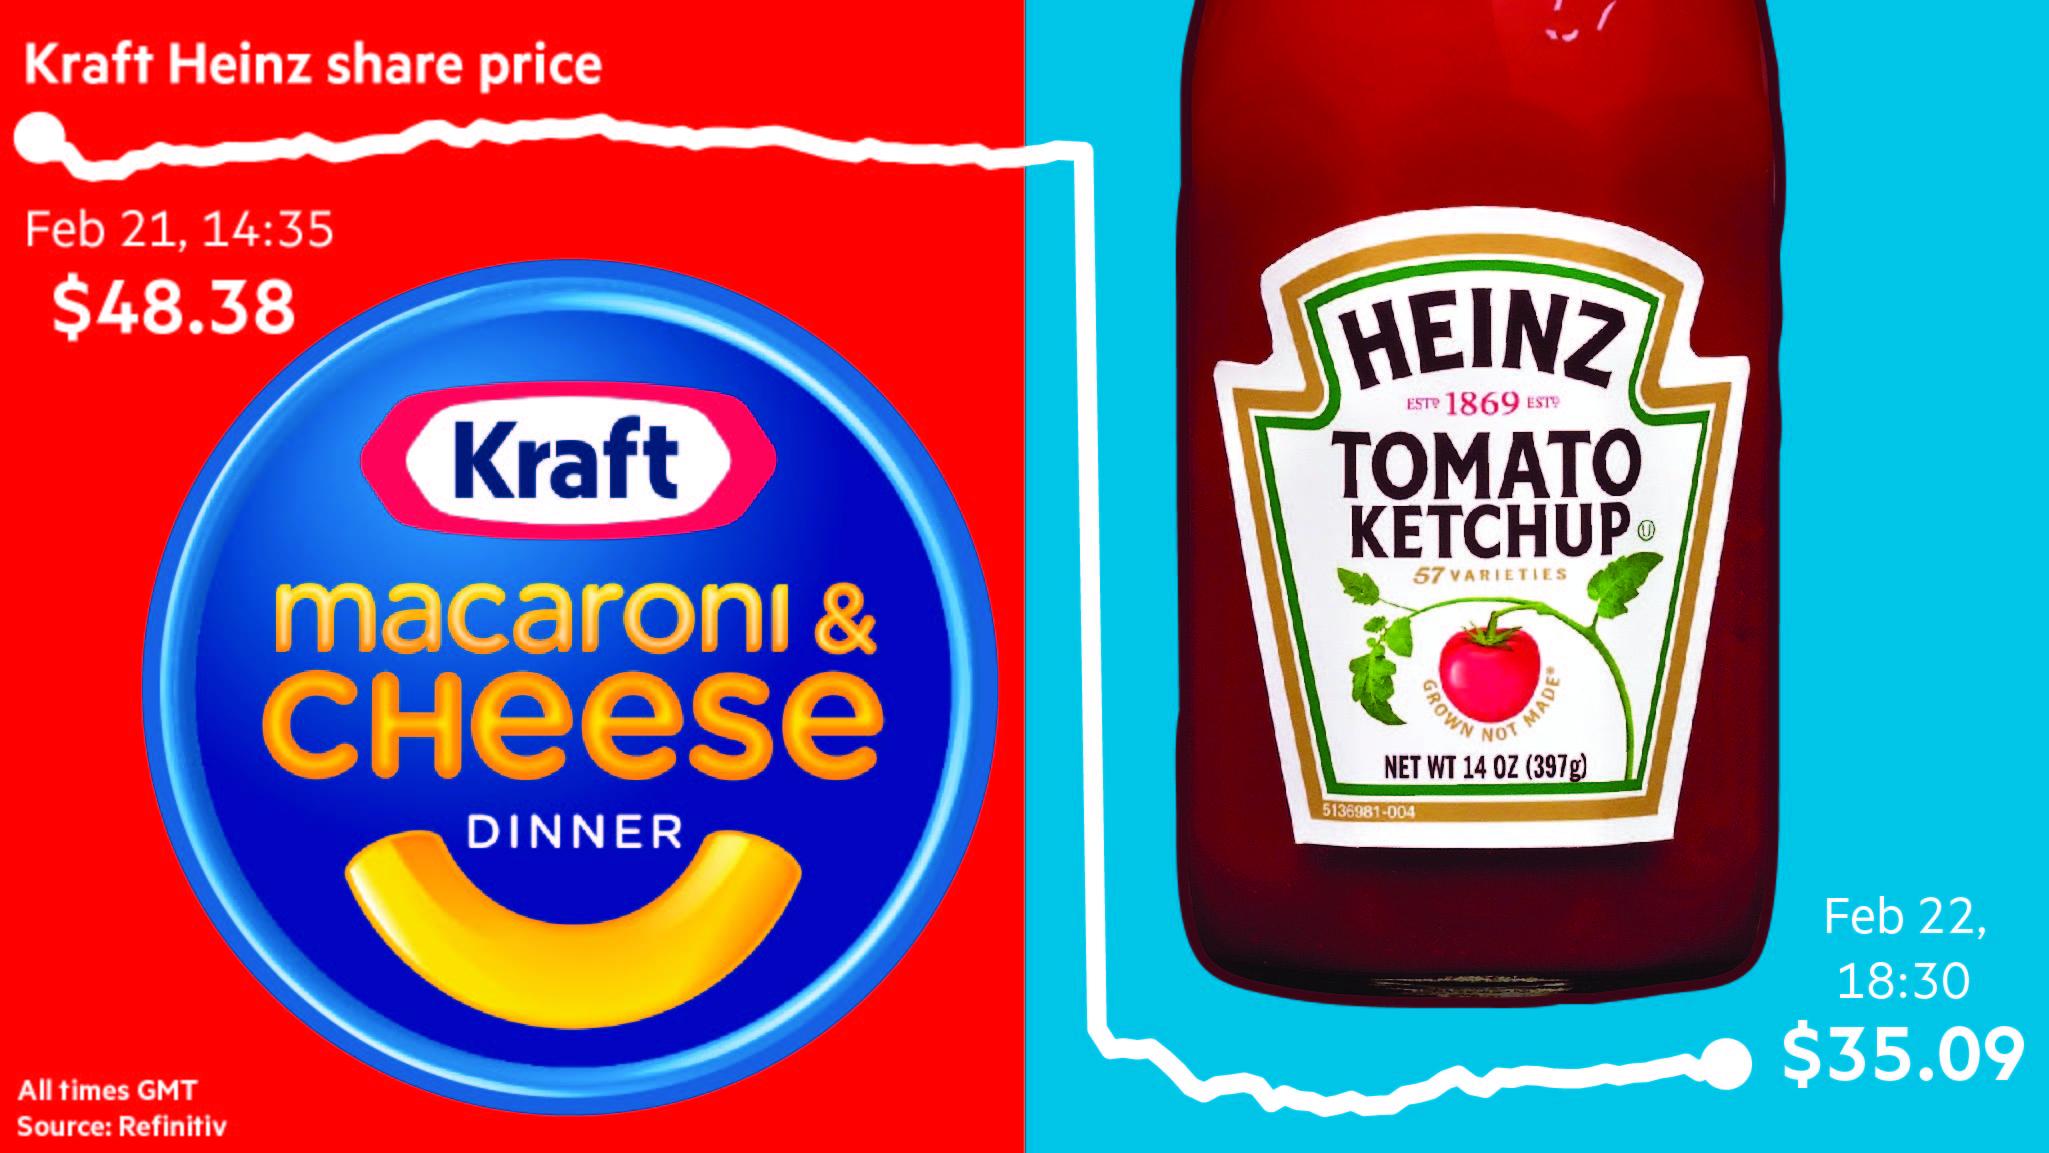 Kraft heinz ketchup